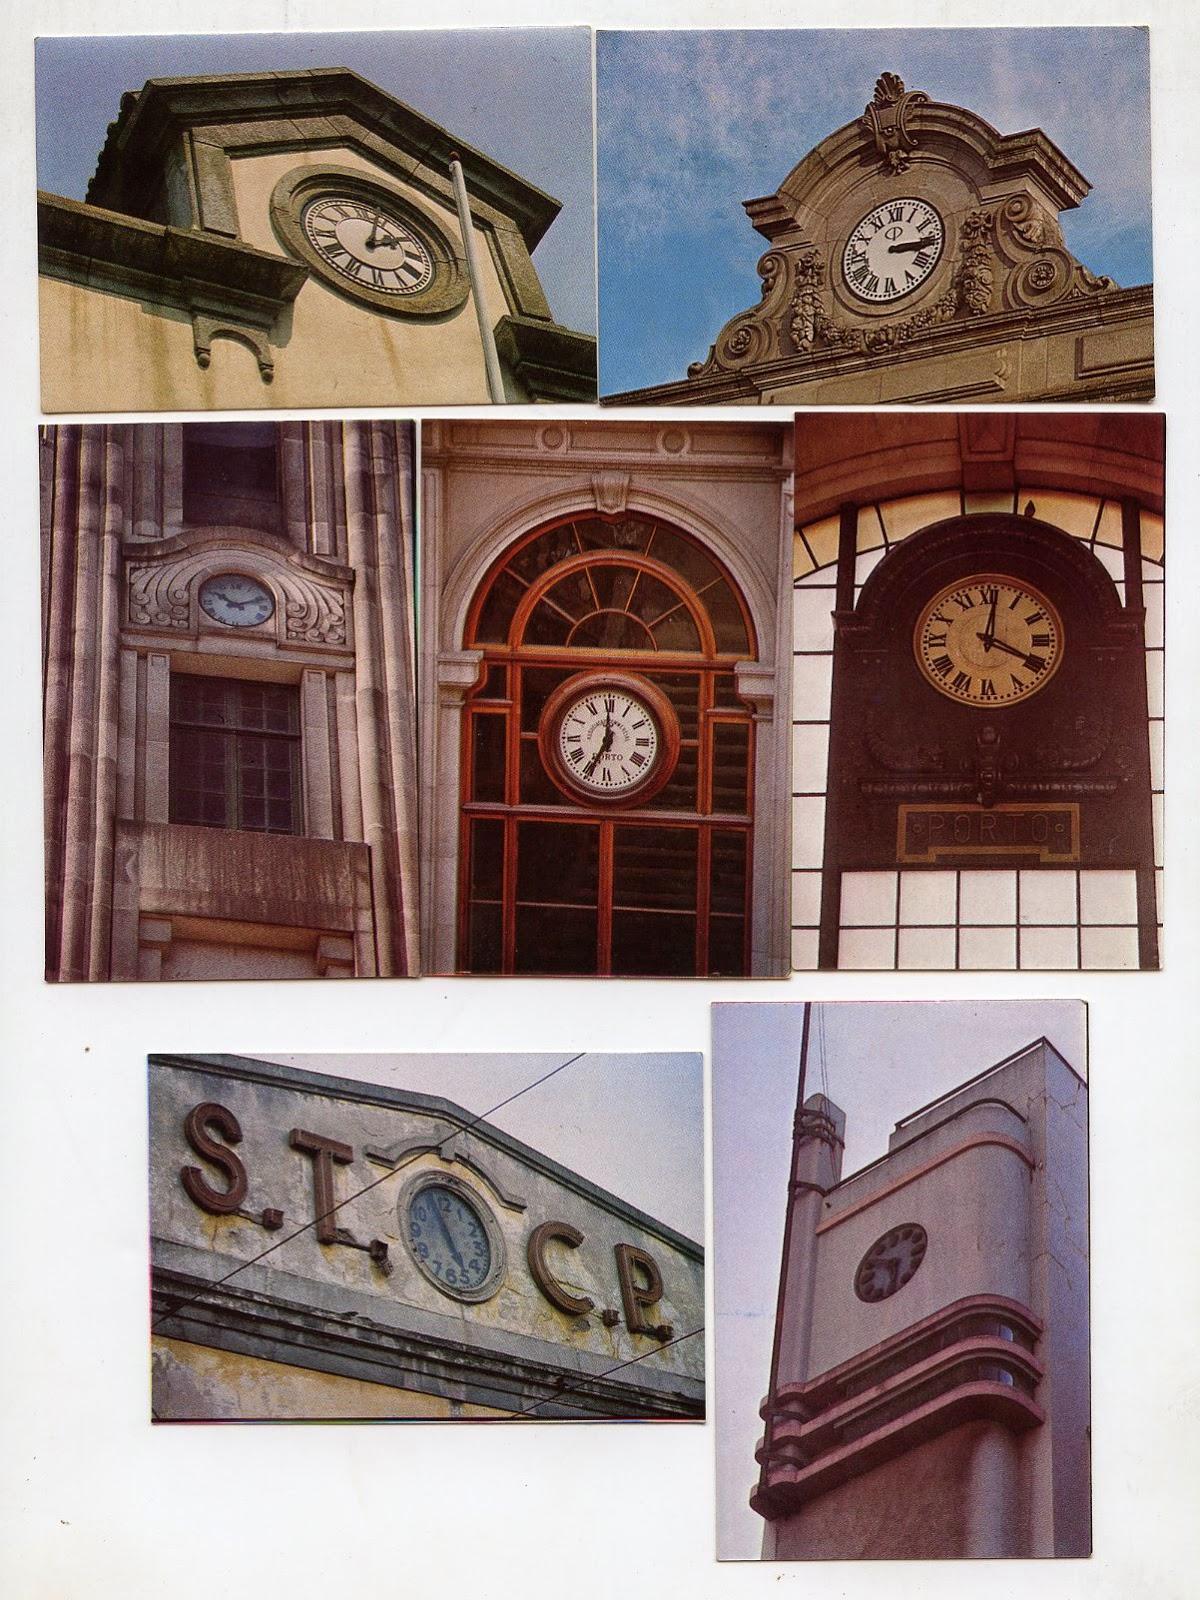 9d31023db0a Calendários - relógios públicos do Porto   Relojoaria Marcolino e Omega    Relojoaria Mendonça e Universal   Ourivesaria do Bolhão e Invicta